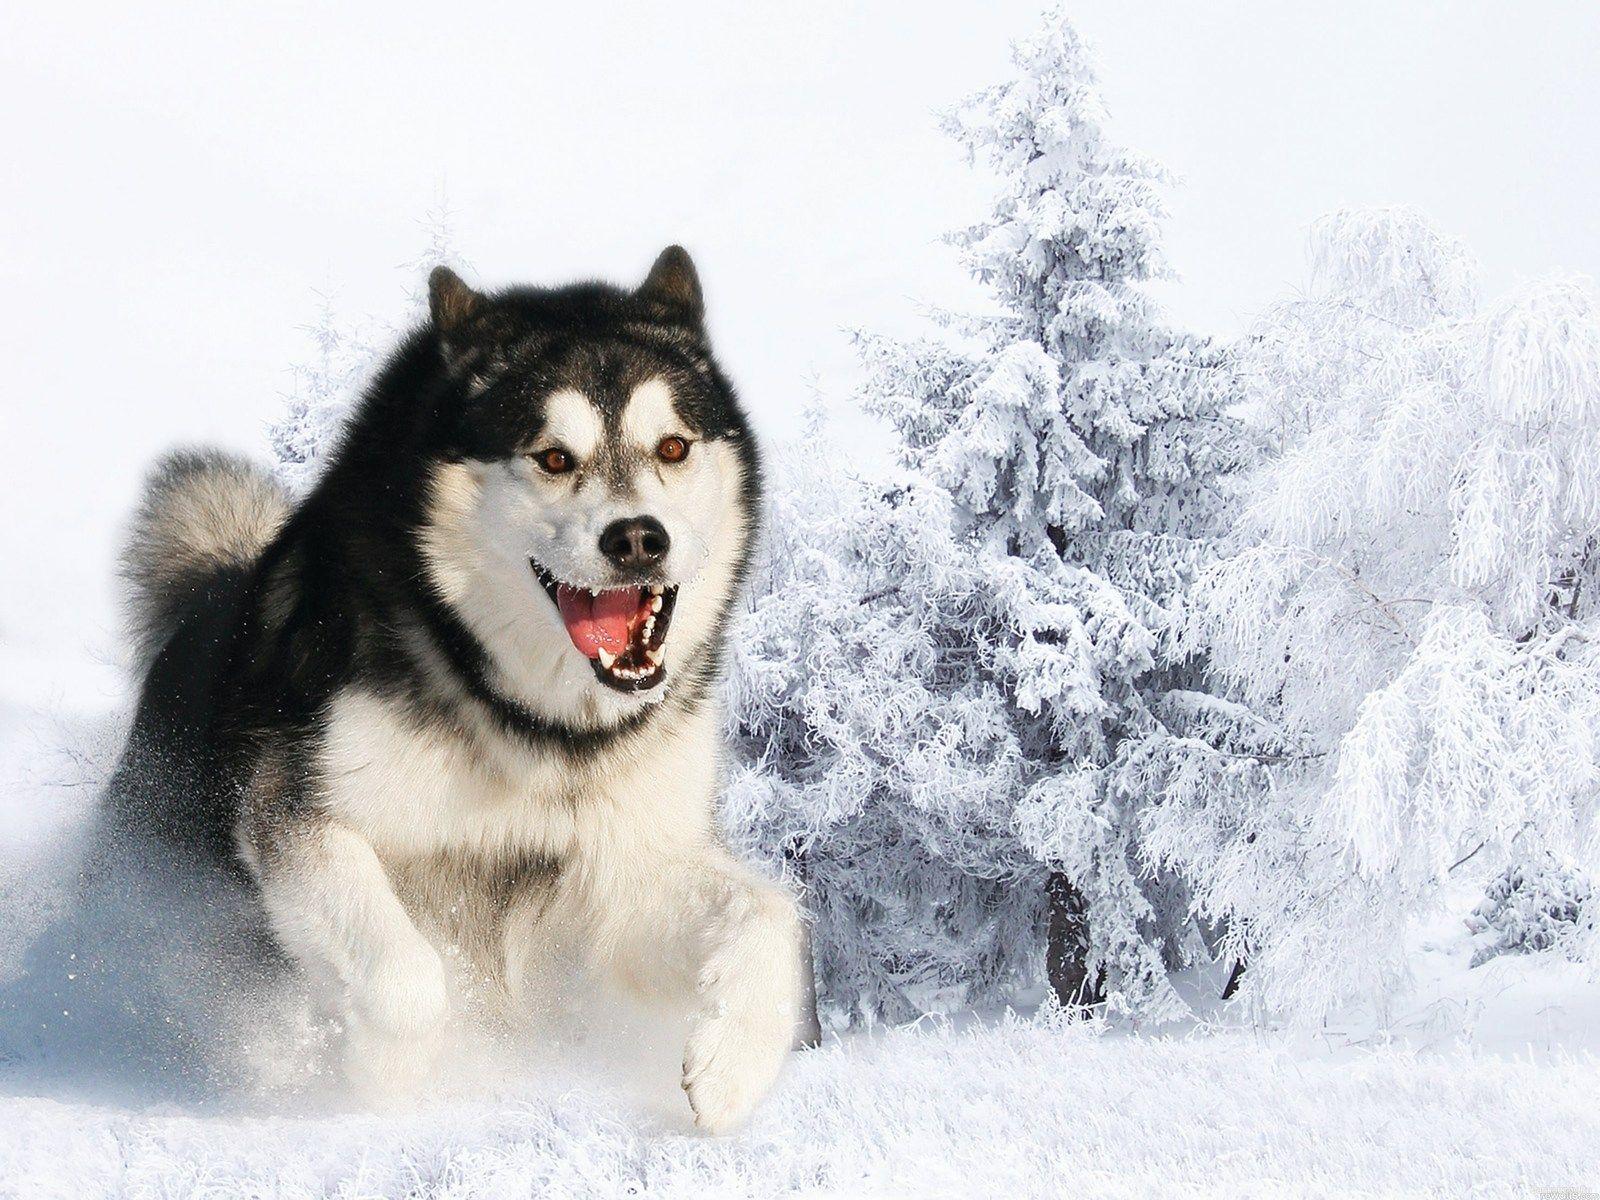 siberian husky wallpaper - http://whatstrendingonline/siberian